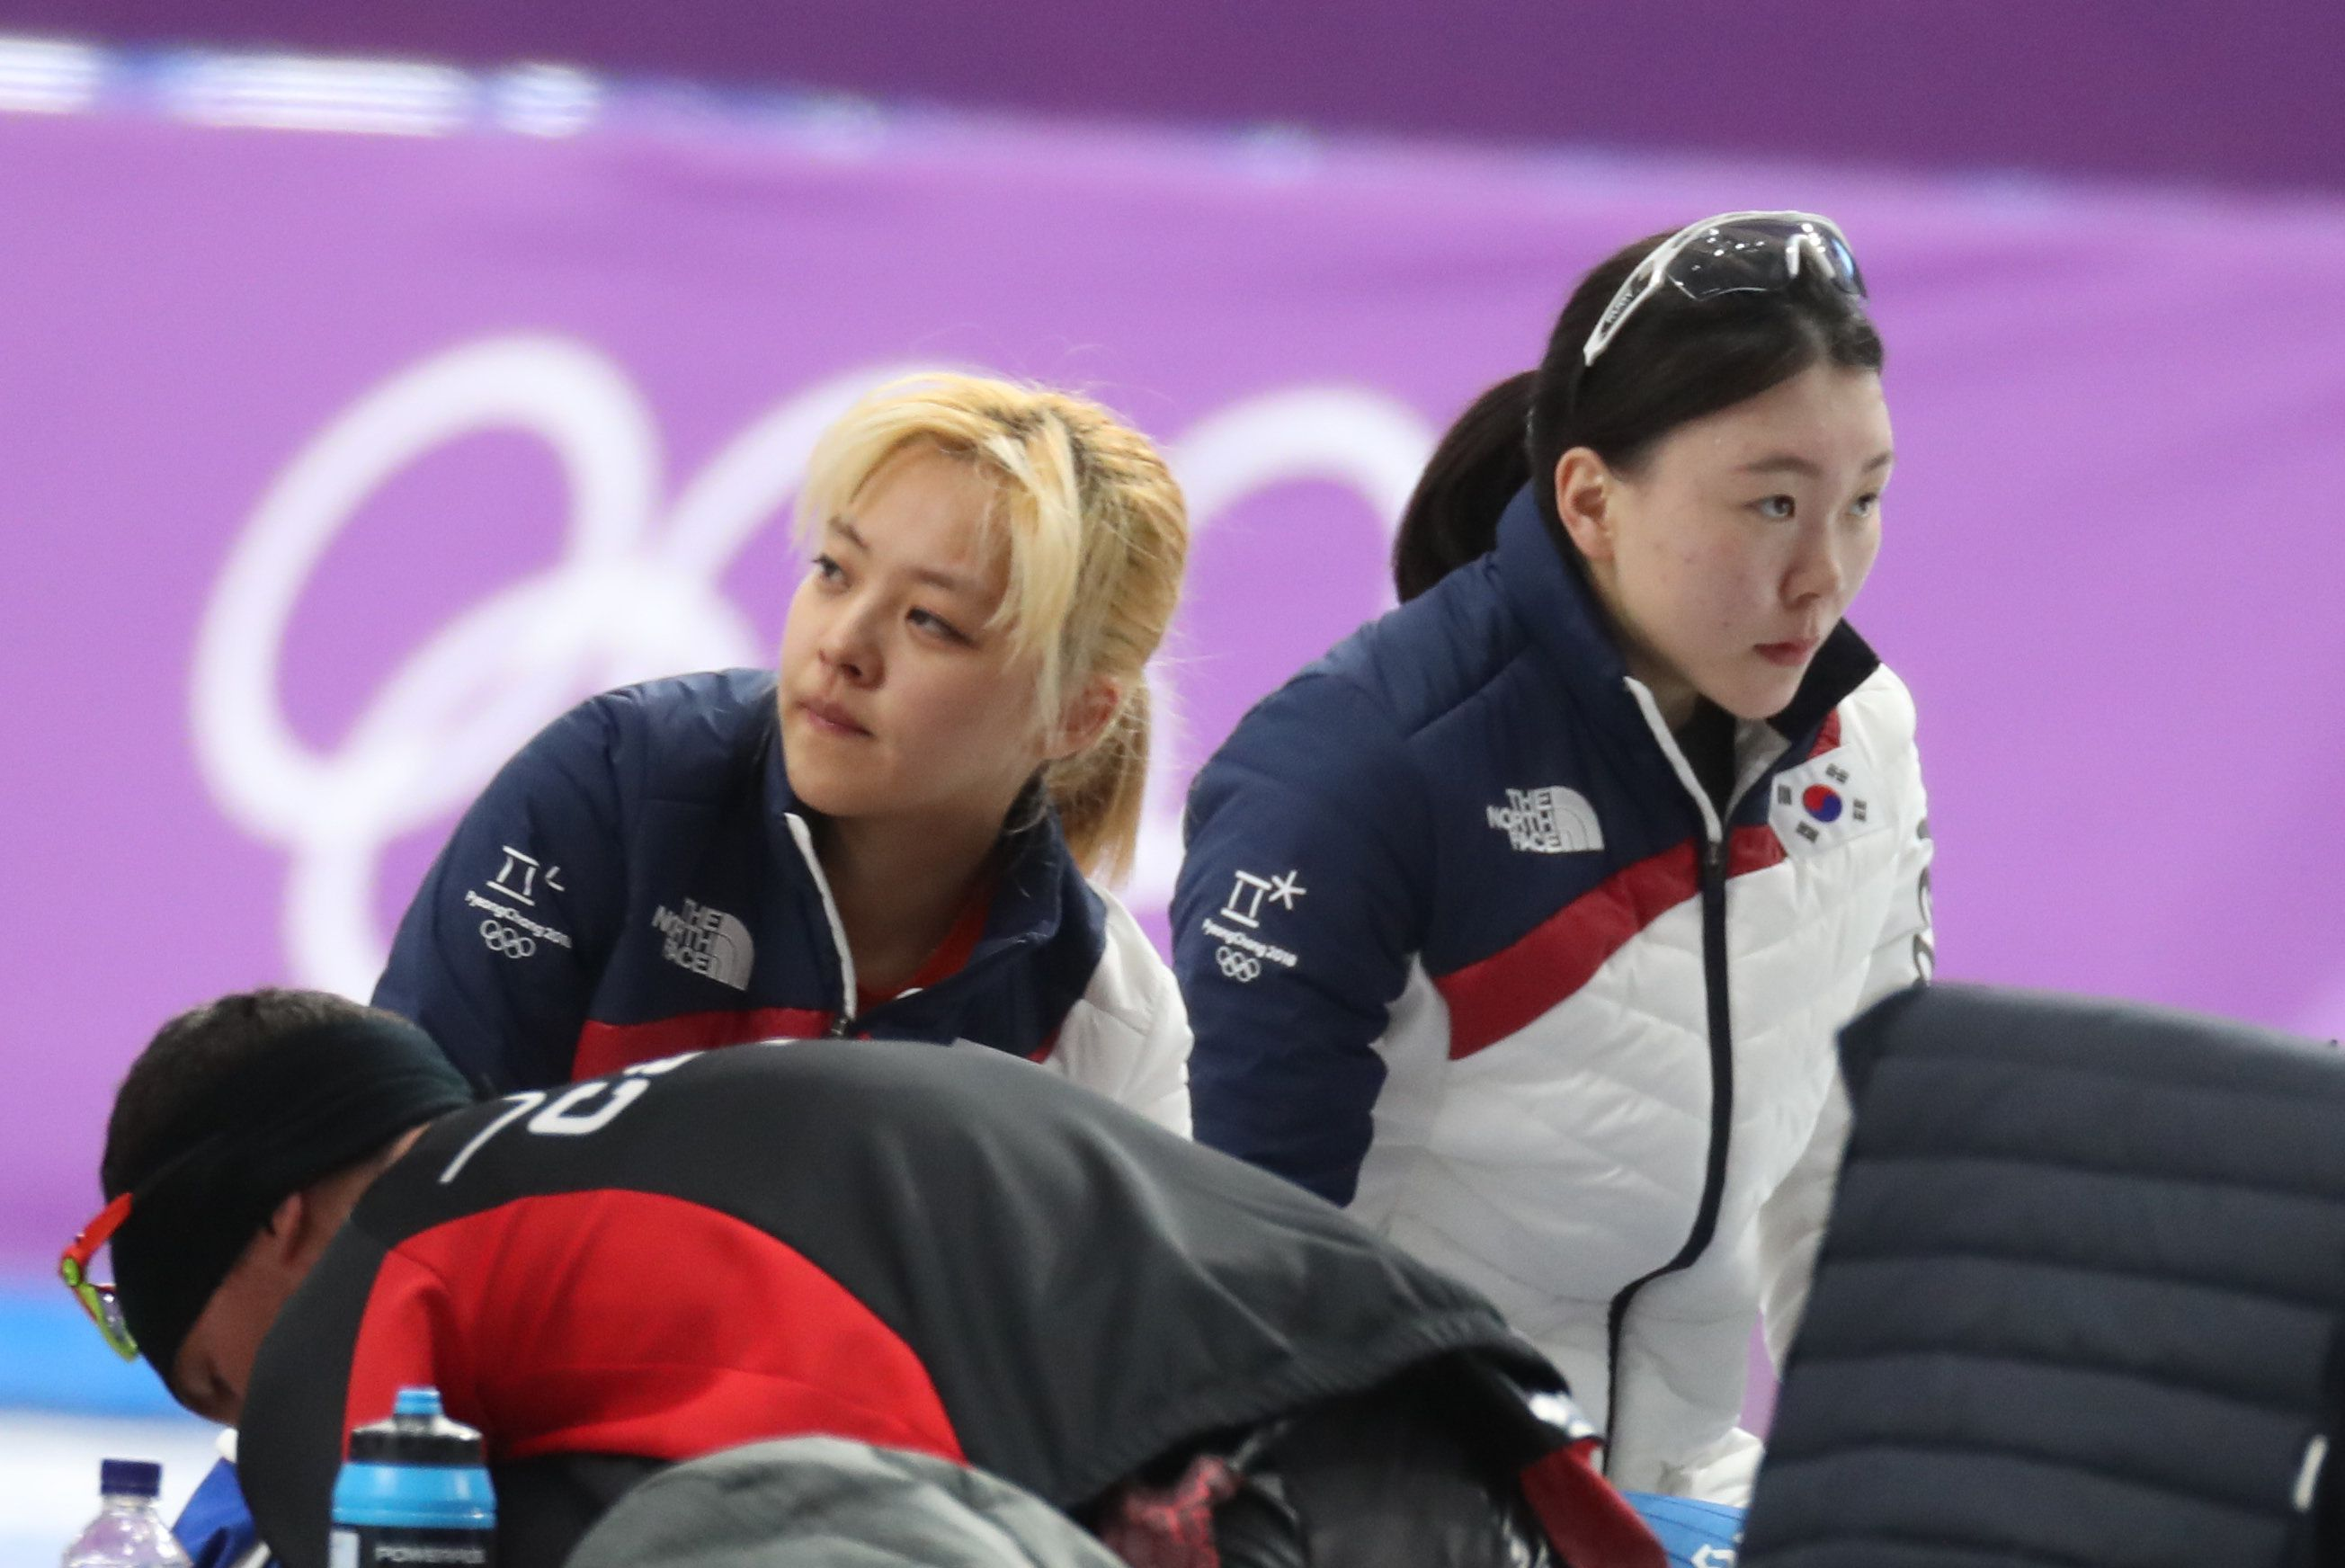 김보름과 노선영이 서로의 주장을 계속 반박하고